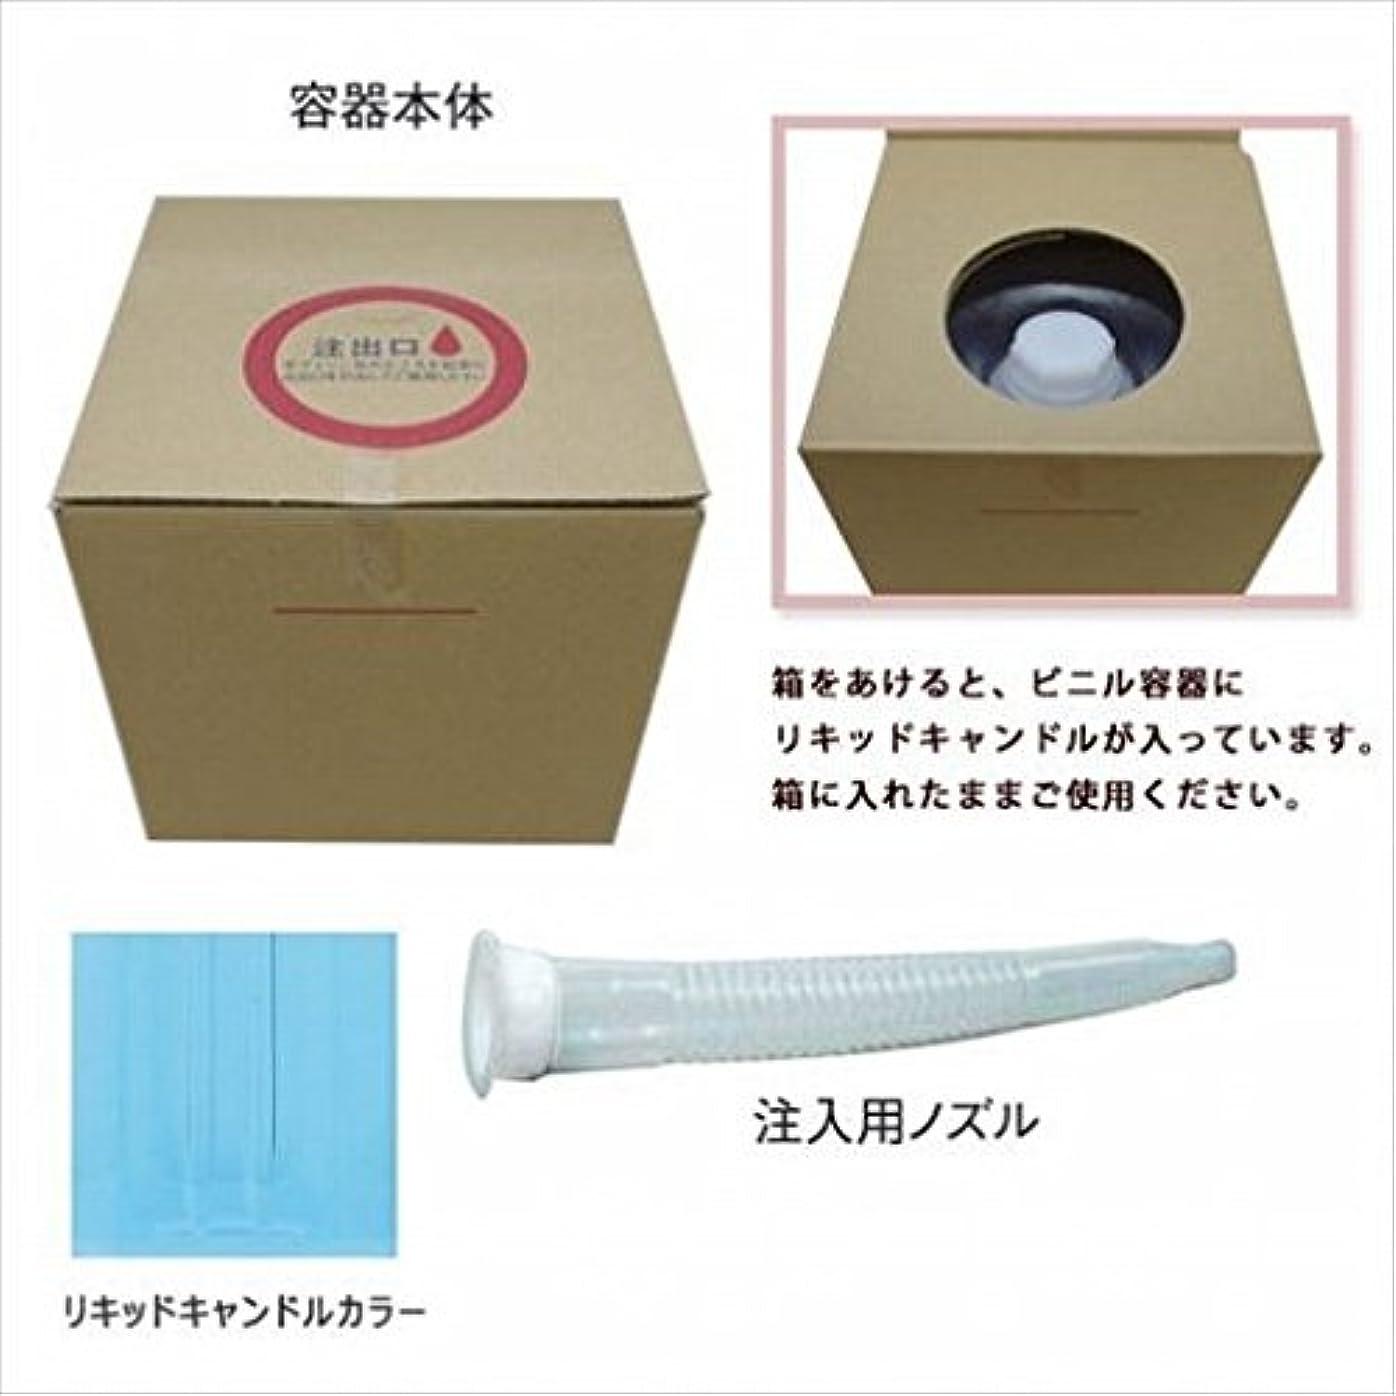 商品インゲンそのようなkameyama candle(カメヤマキャンドル) リキッドキャンドル5リットル 「 ライトブルー 」(77320000LB)